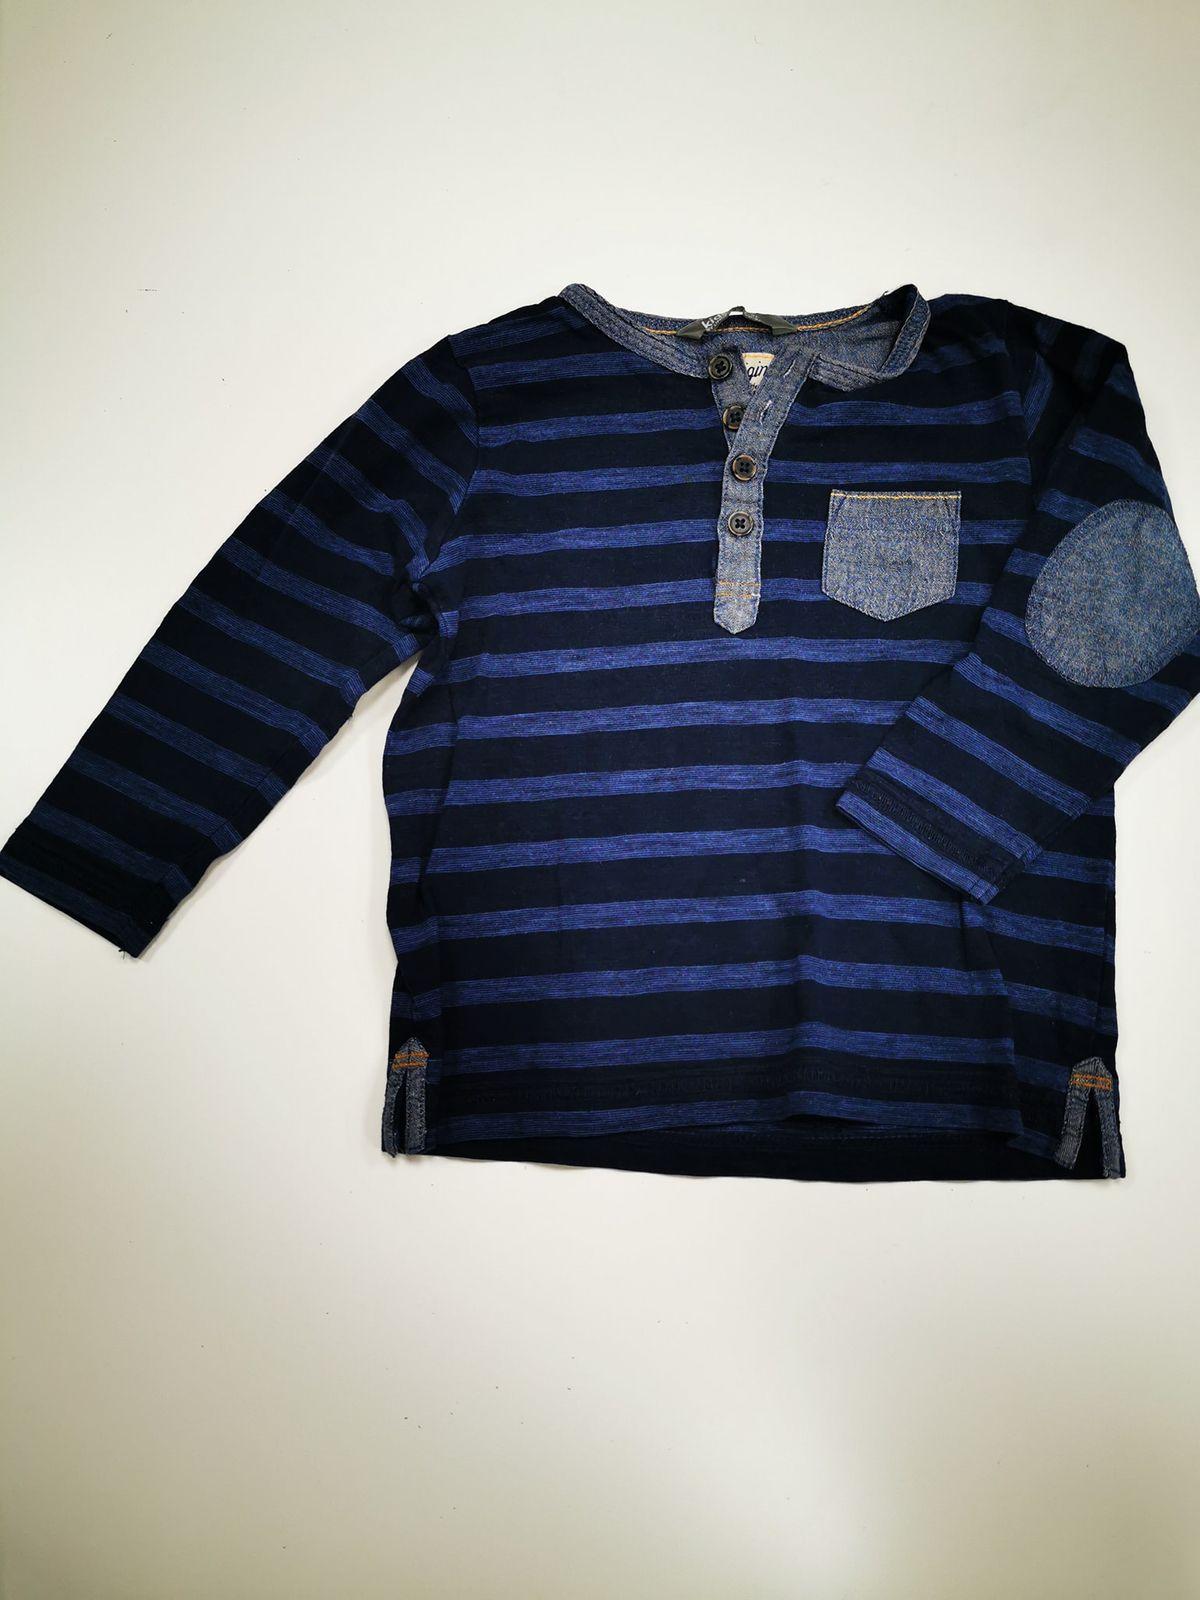 Kids maglietta a righe blu Bimba 2/3 anni 11227 Euro 4,50